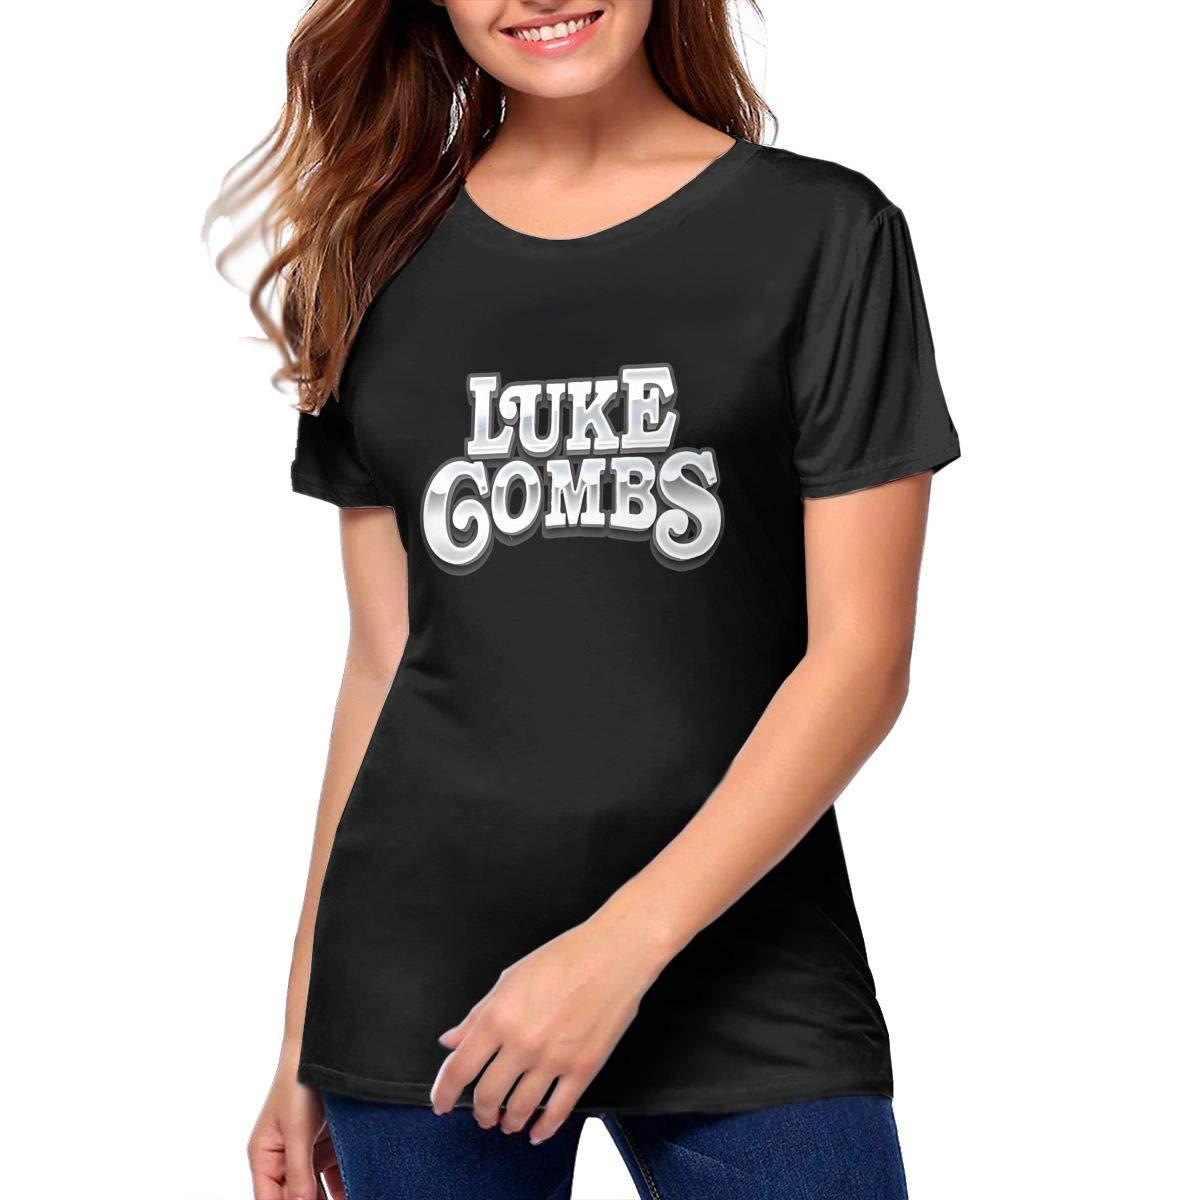 Luke Combs Crewneck Tees Shirts